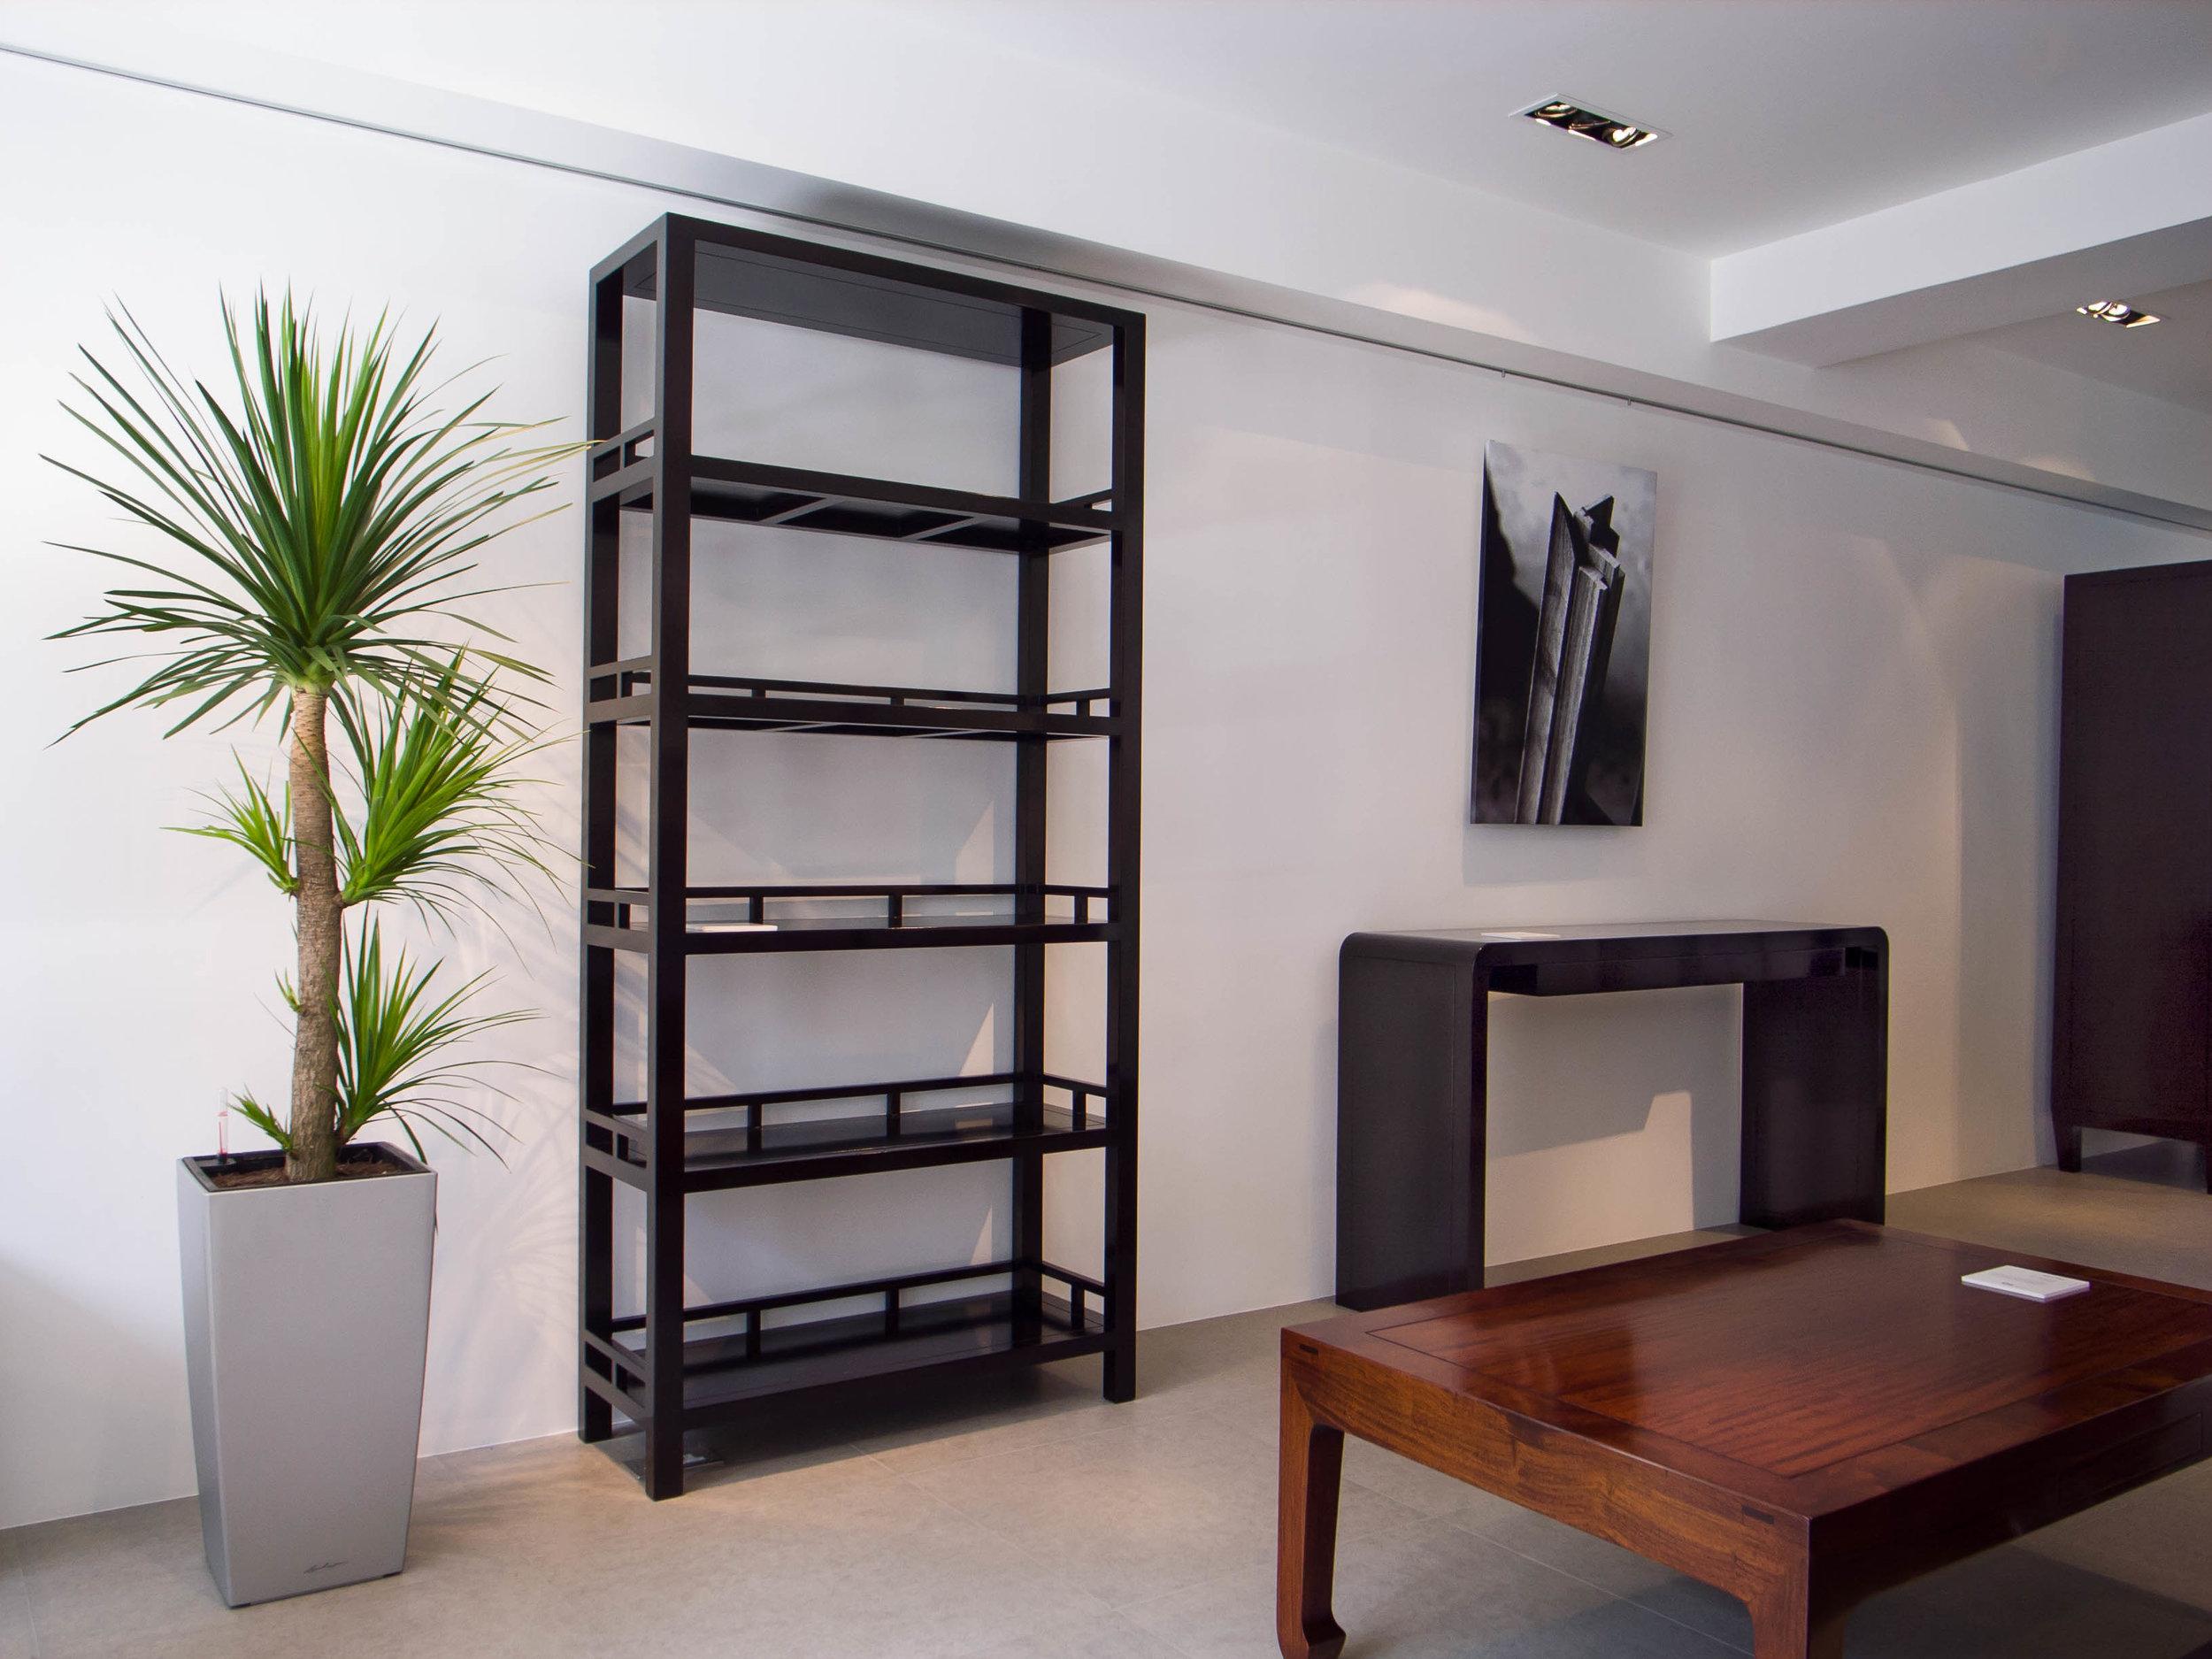 ....furniture setting : modern chinese style shelf, ming style coffee table, modern chinese console table..展廊家具陈设 :现代中式书架,明式咖啡台,现代中式条桌....